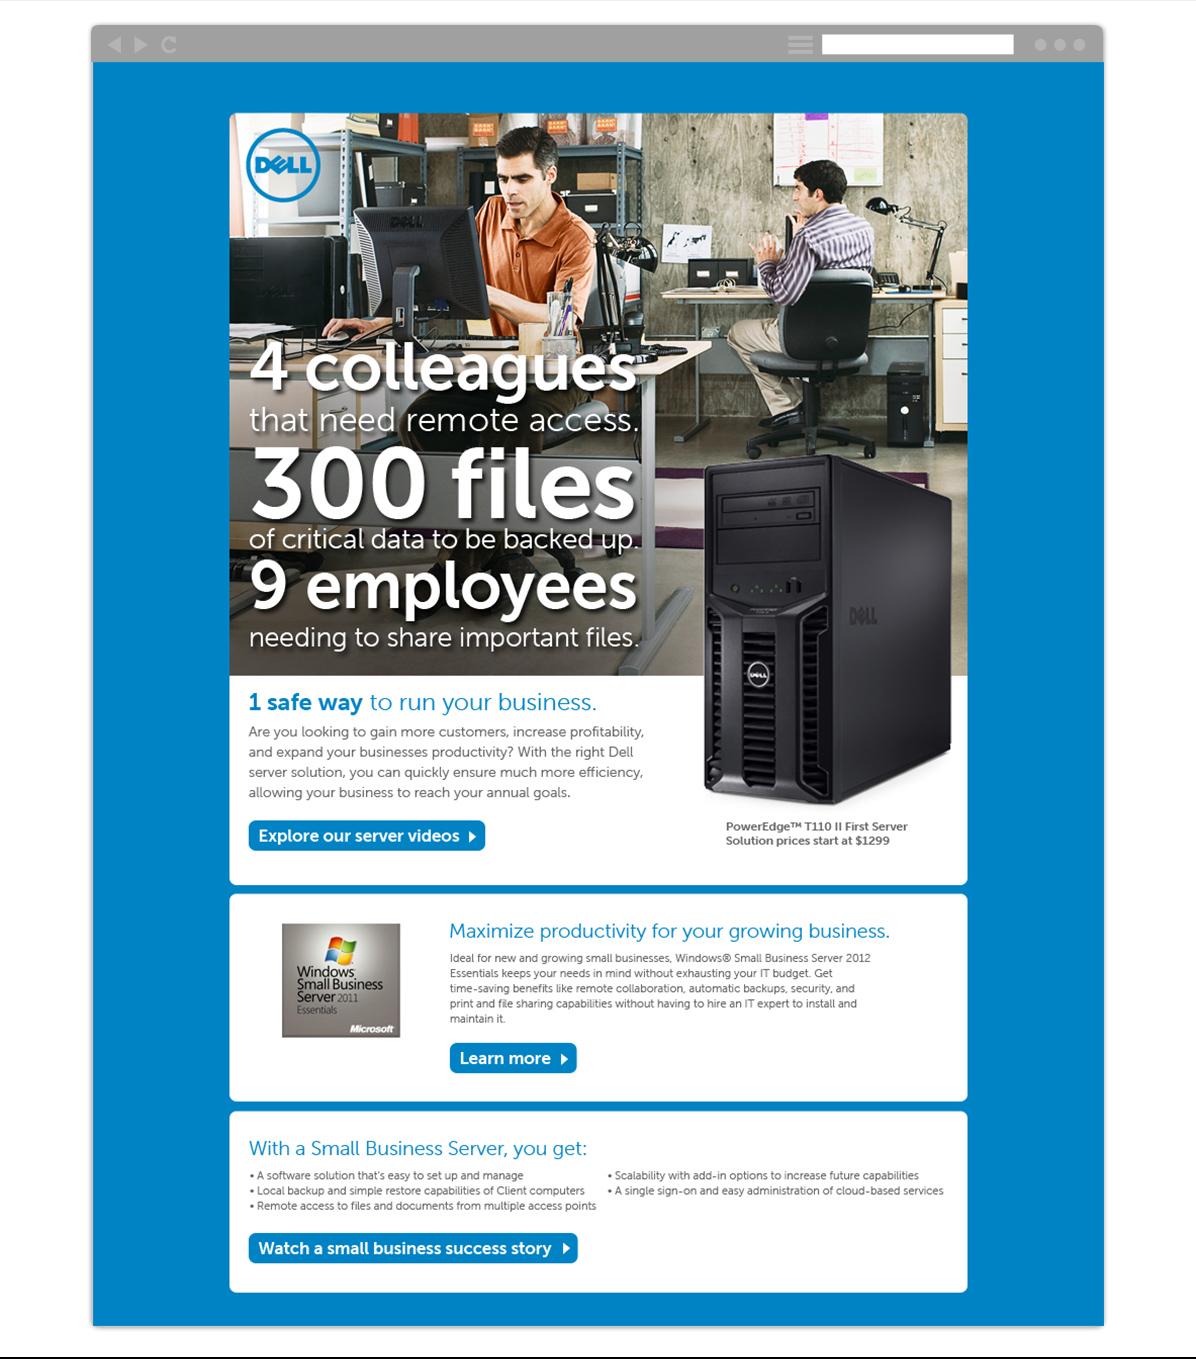 Dell-1